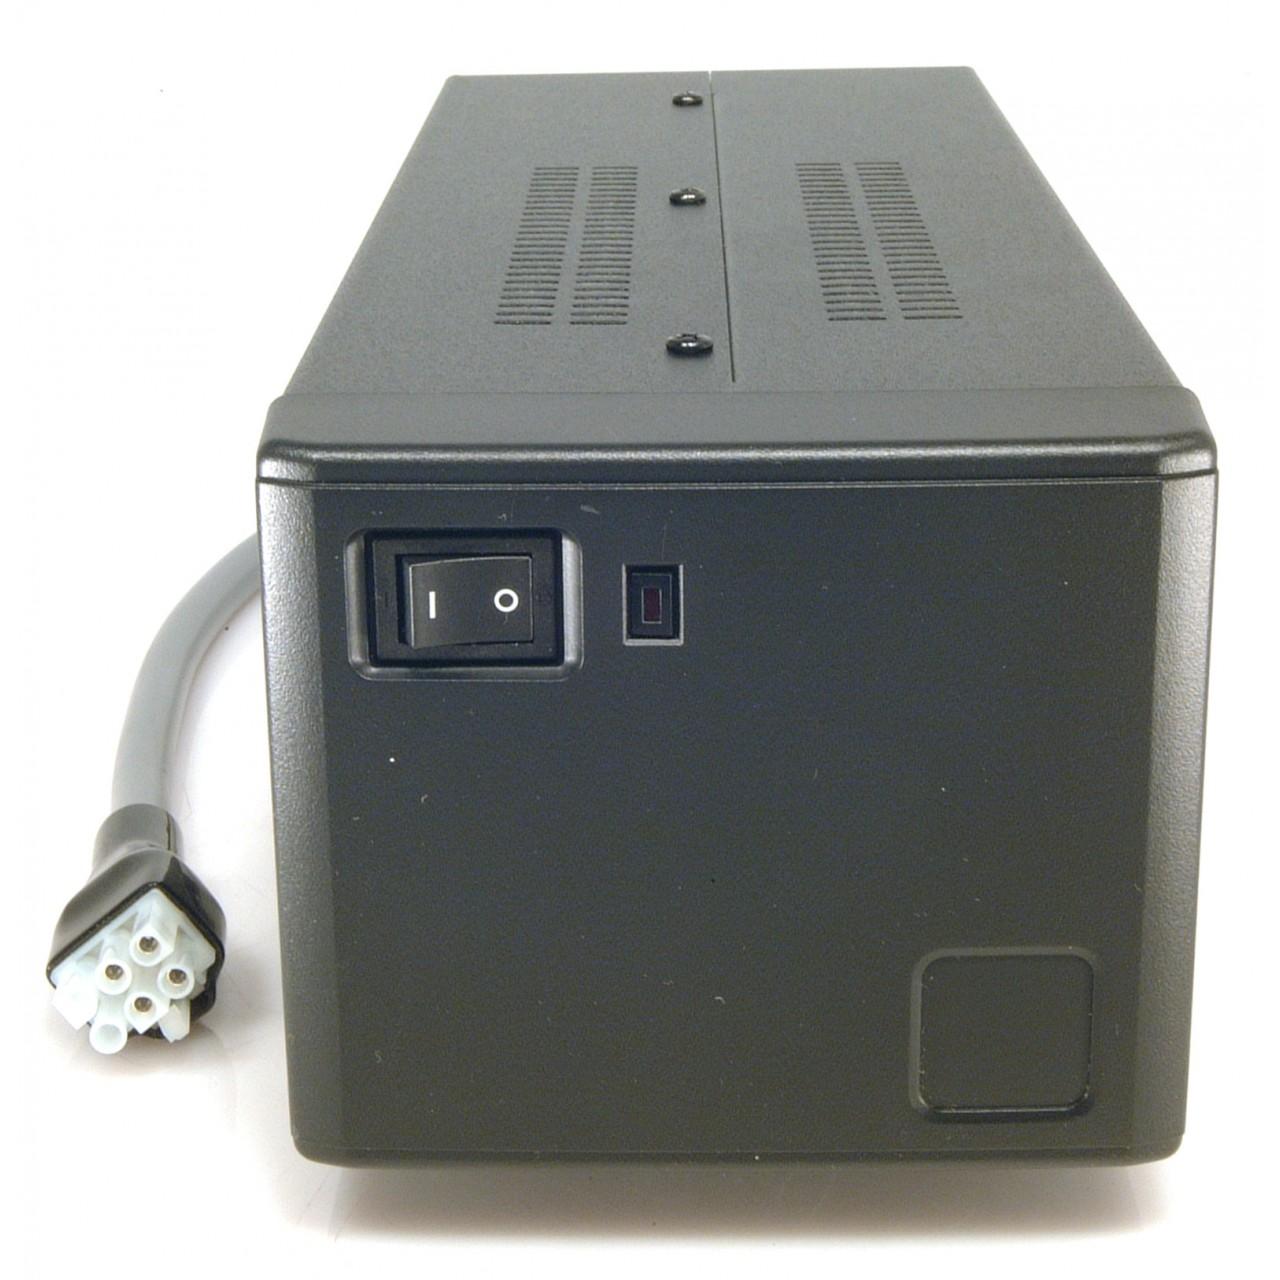 PS-125 Chargeurs et alimentations - ICOM